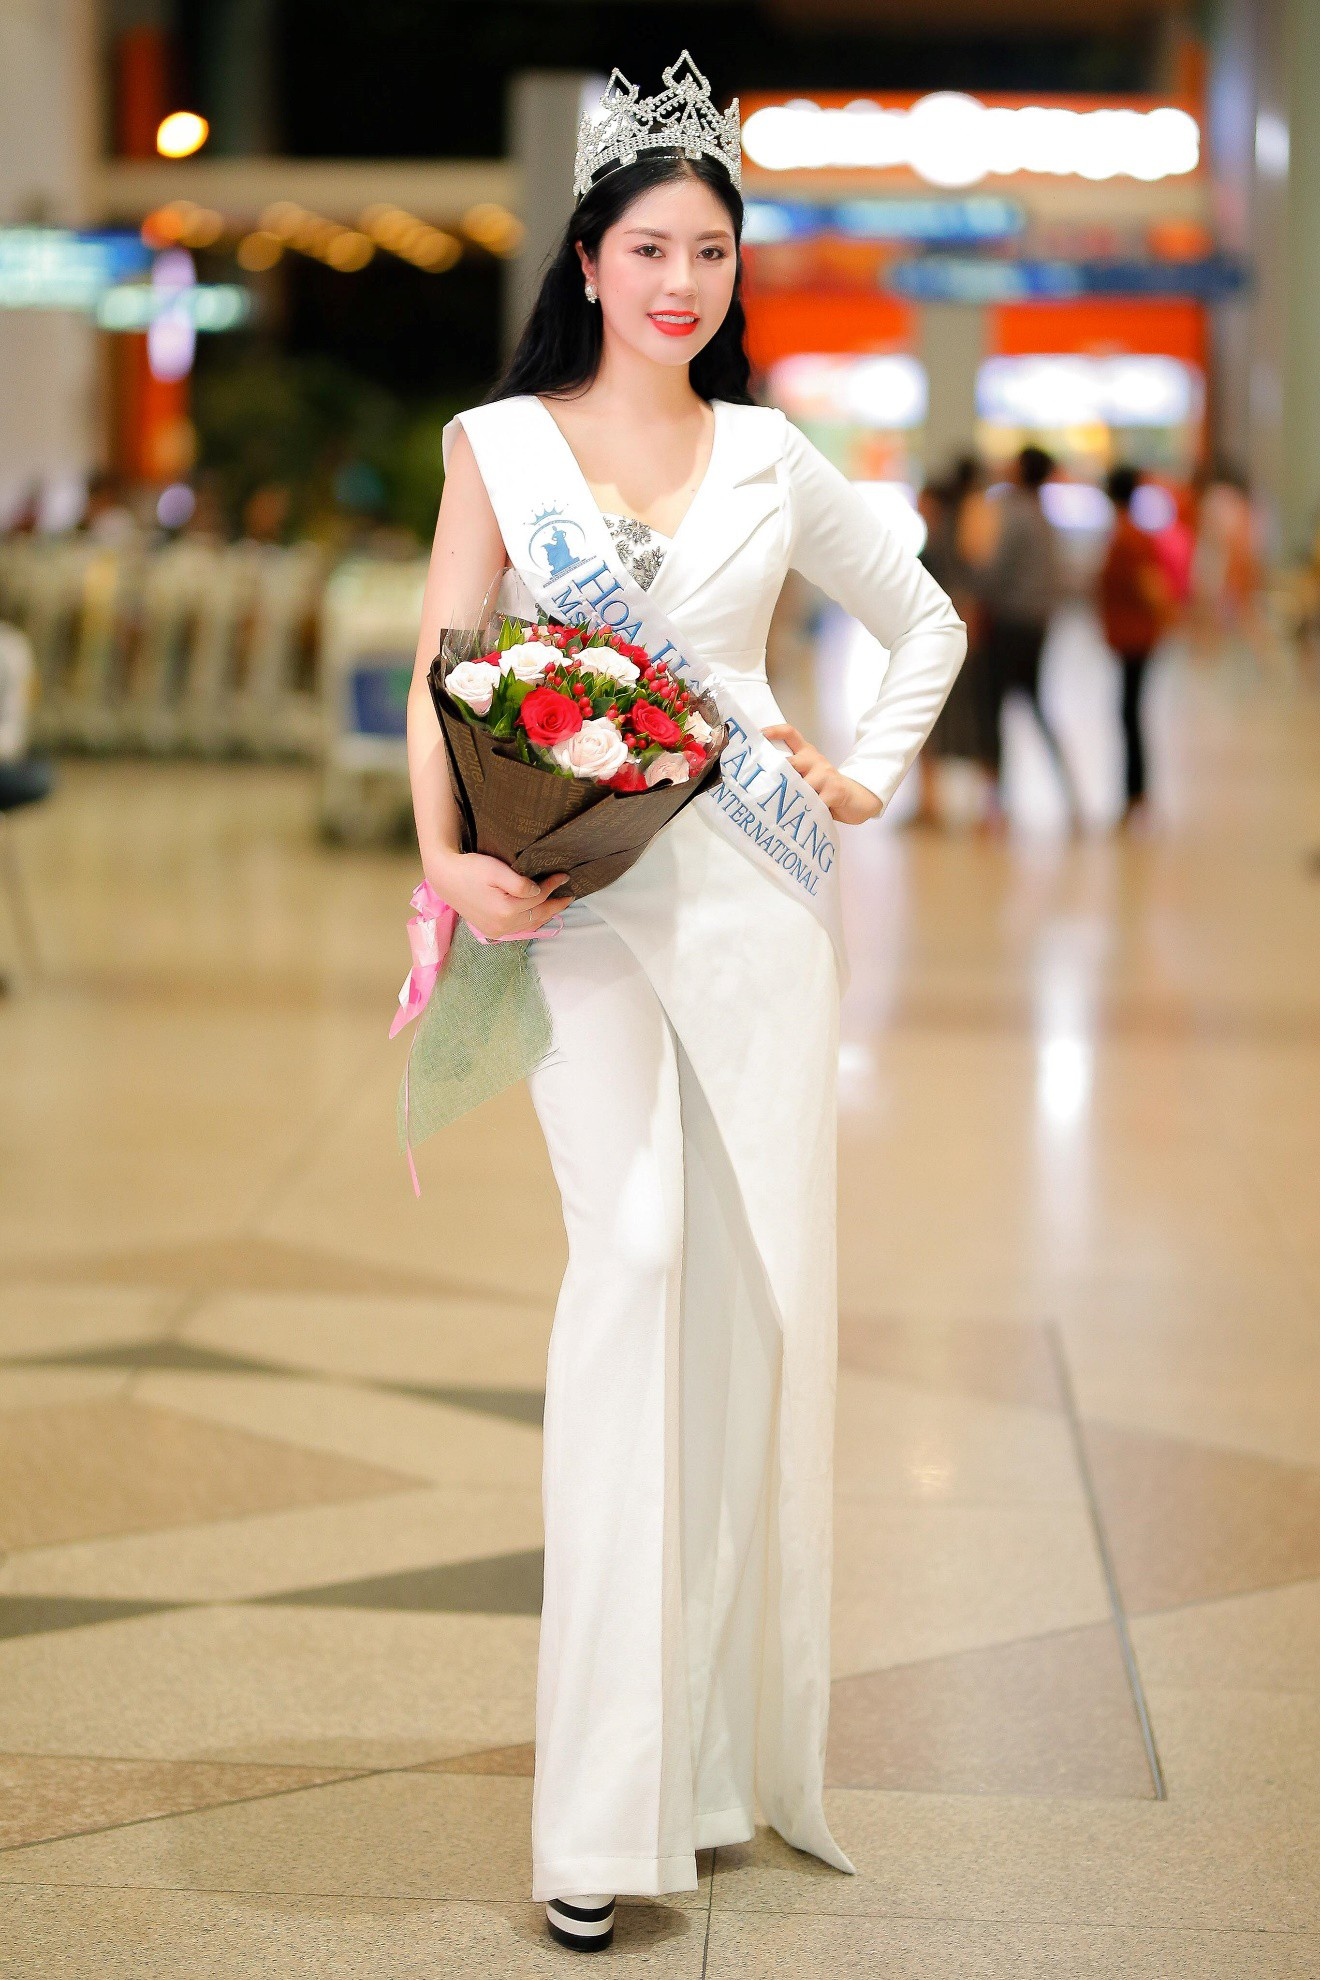 """Tô Diệp Hà đoạt giải """"Hoa hậu tài năng"""" tại Ms Vietnam Beauty International Pageant 2018 - Ảnh 1."""